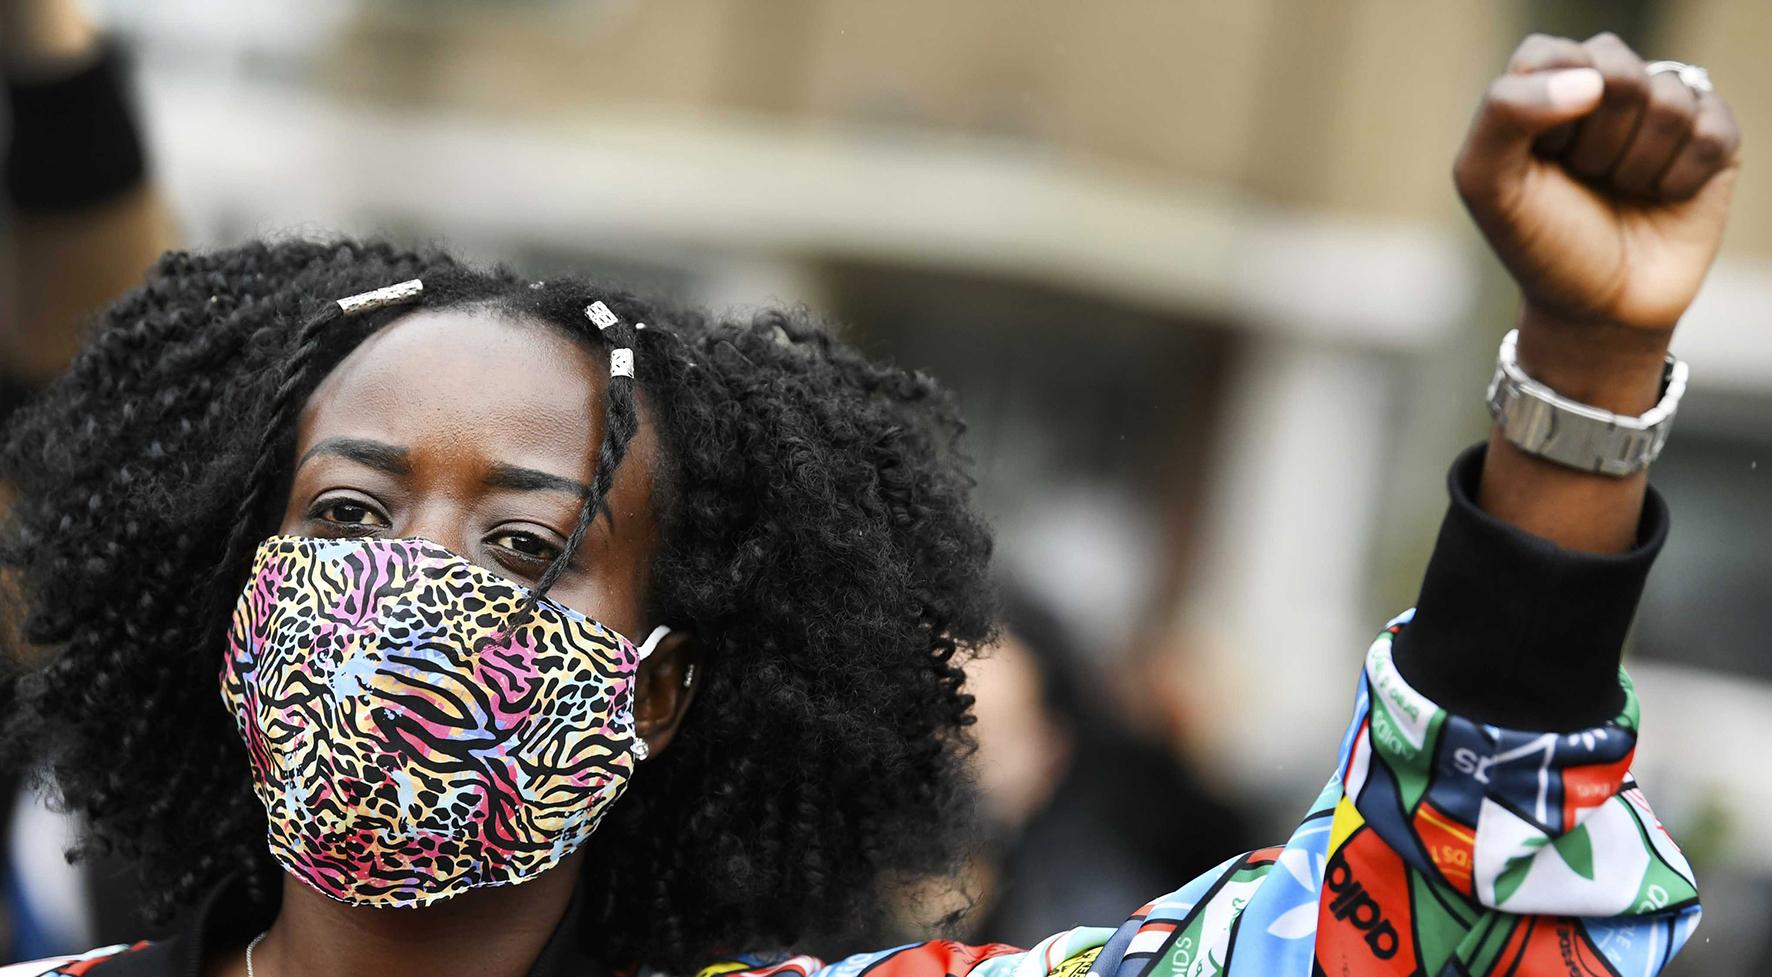 Een foto van een zwarte demonstrante bij een van de protesten in Nederland